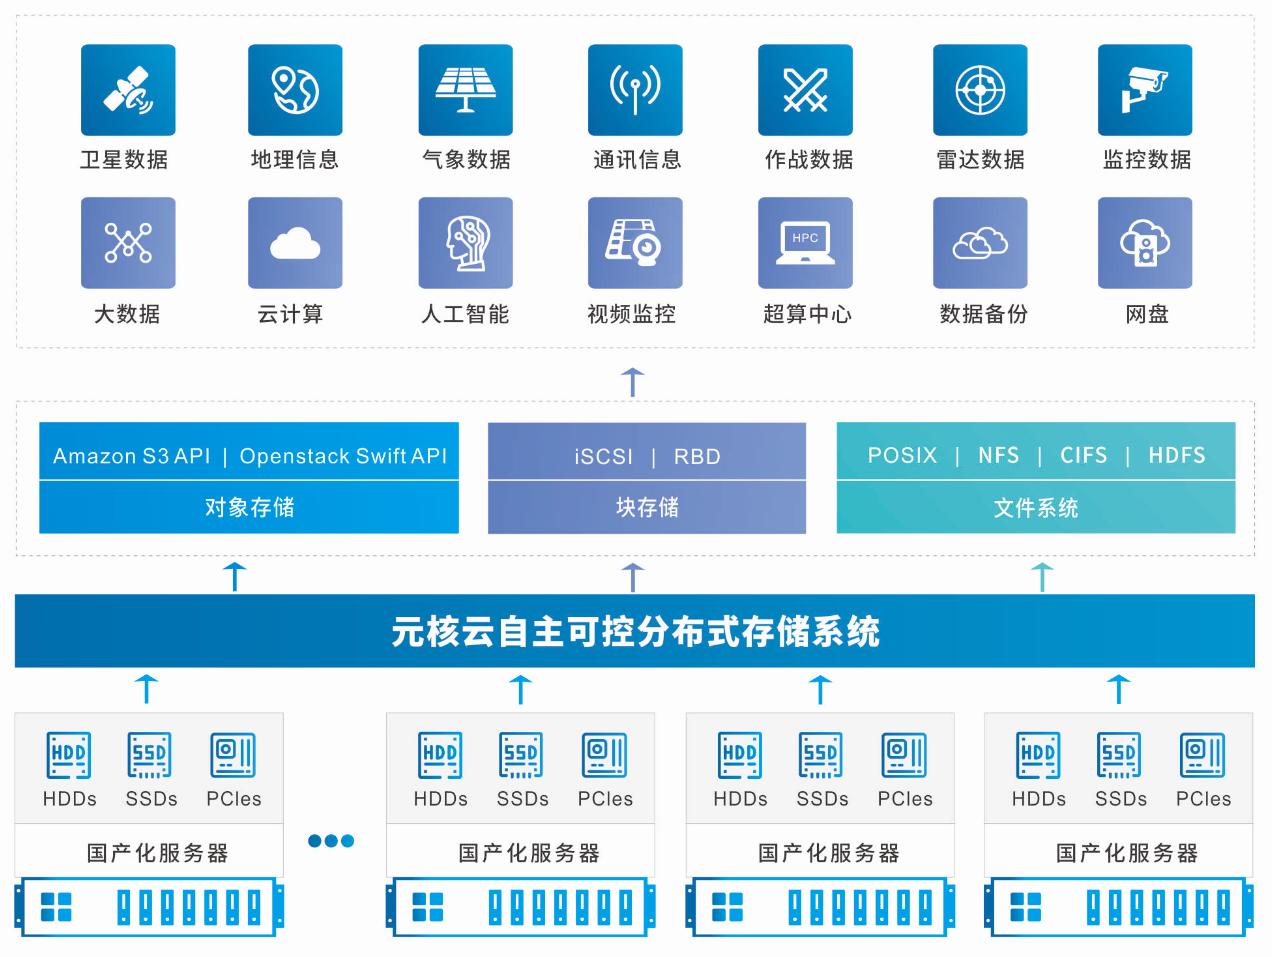 为国产化替代助力——元核云发布自主可控分布式存储产品_应用